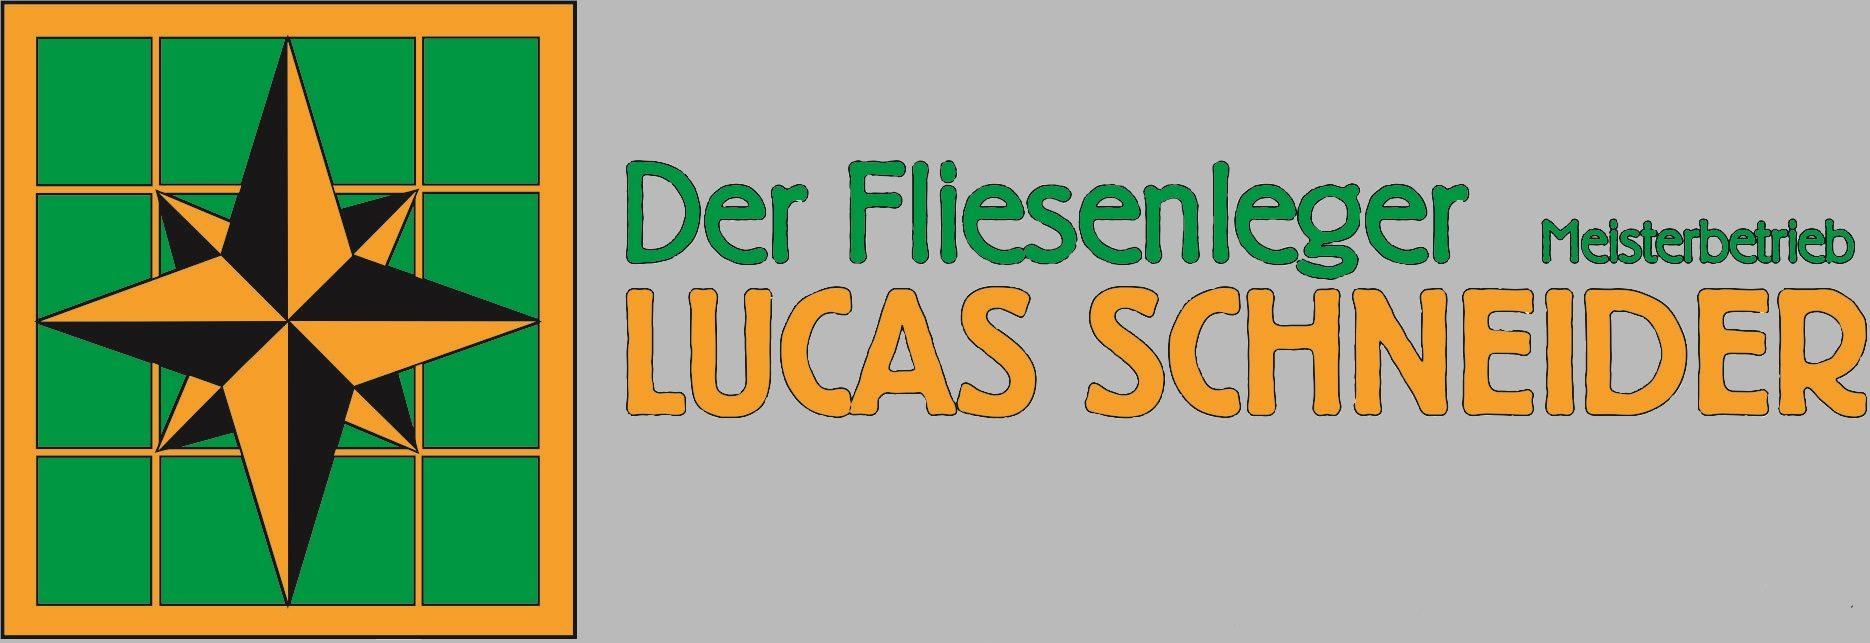 Lucas Schneider